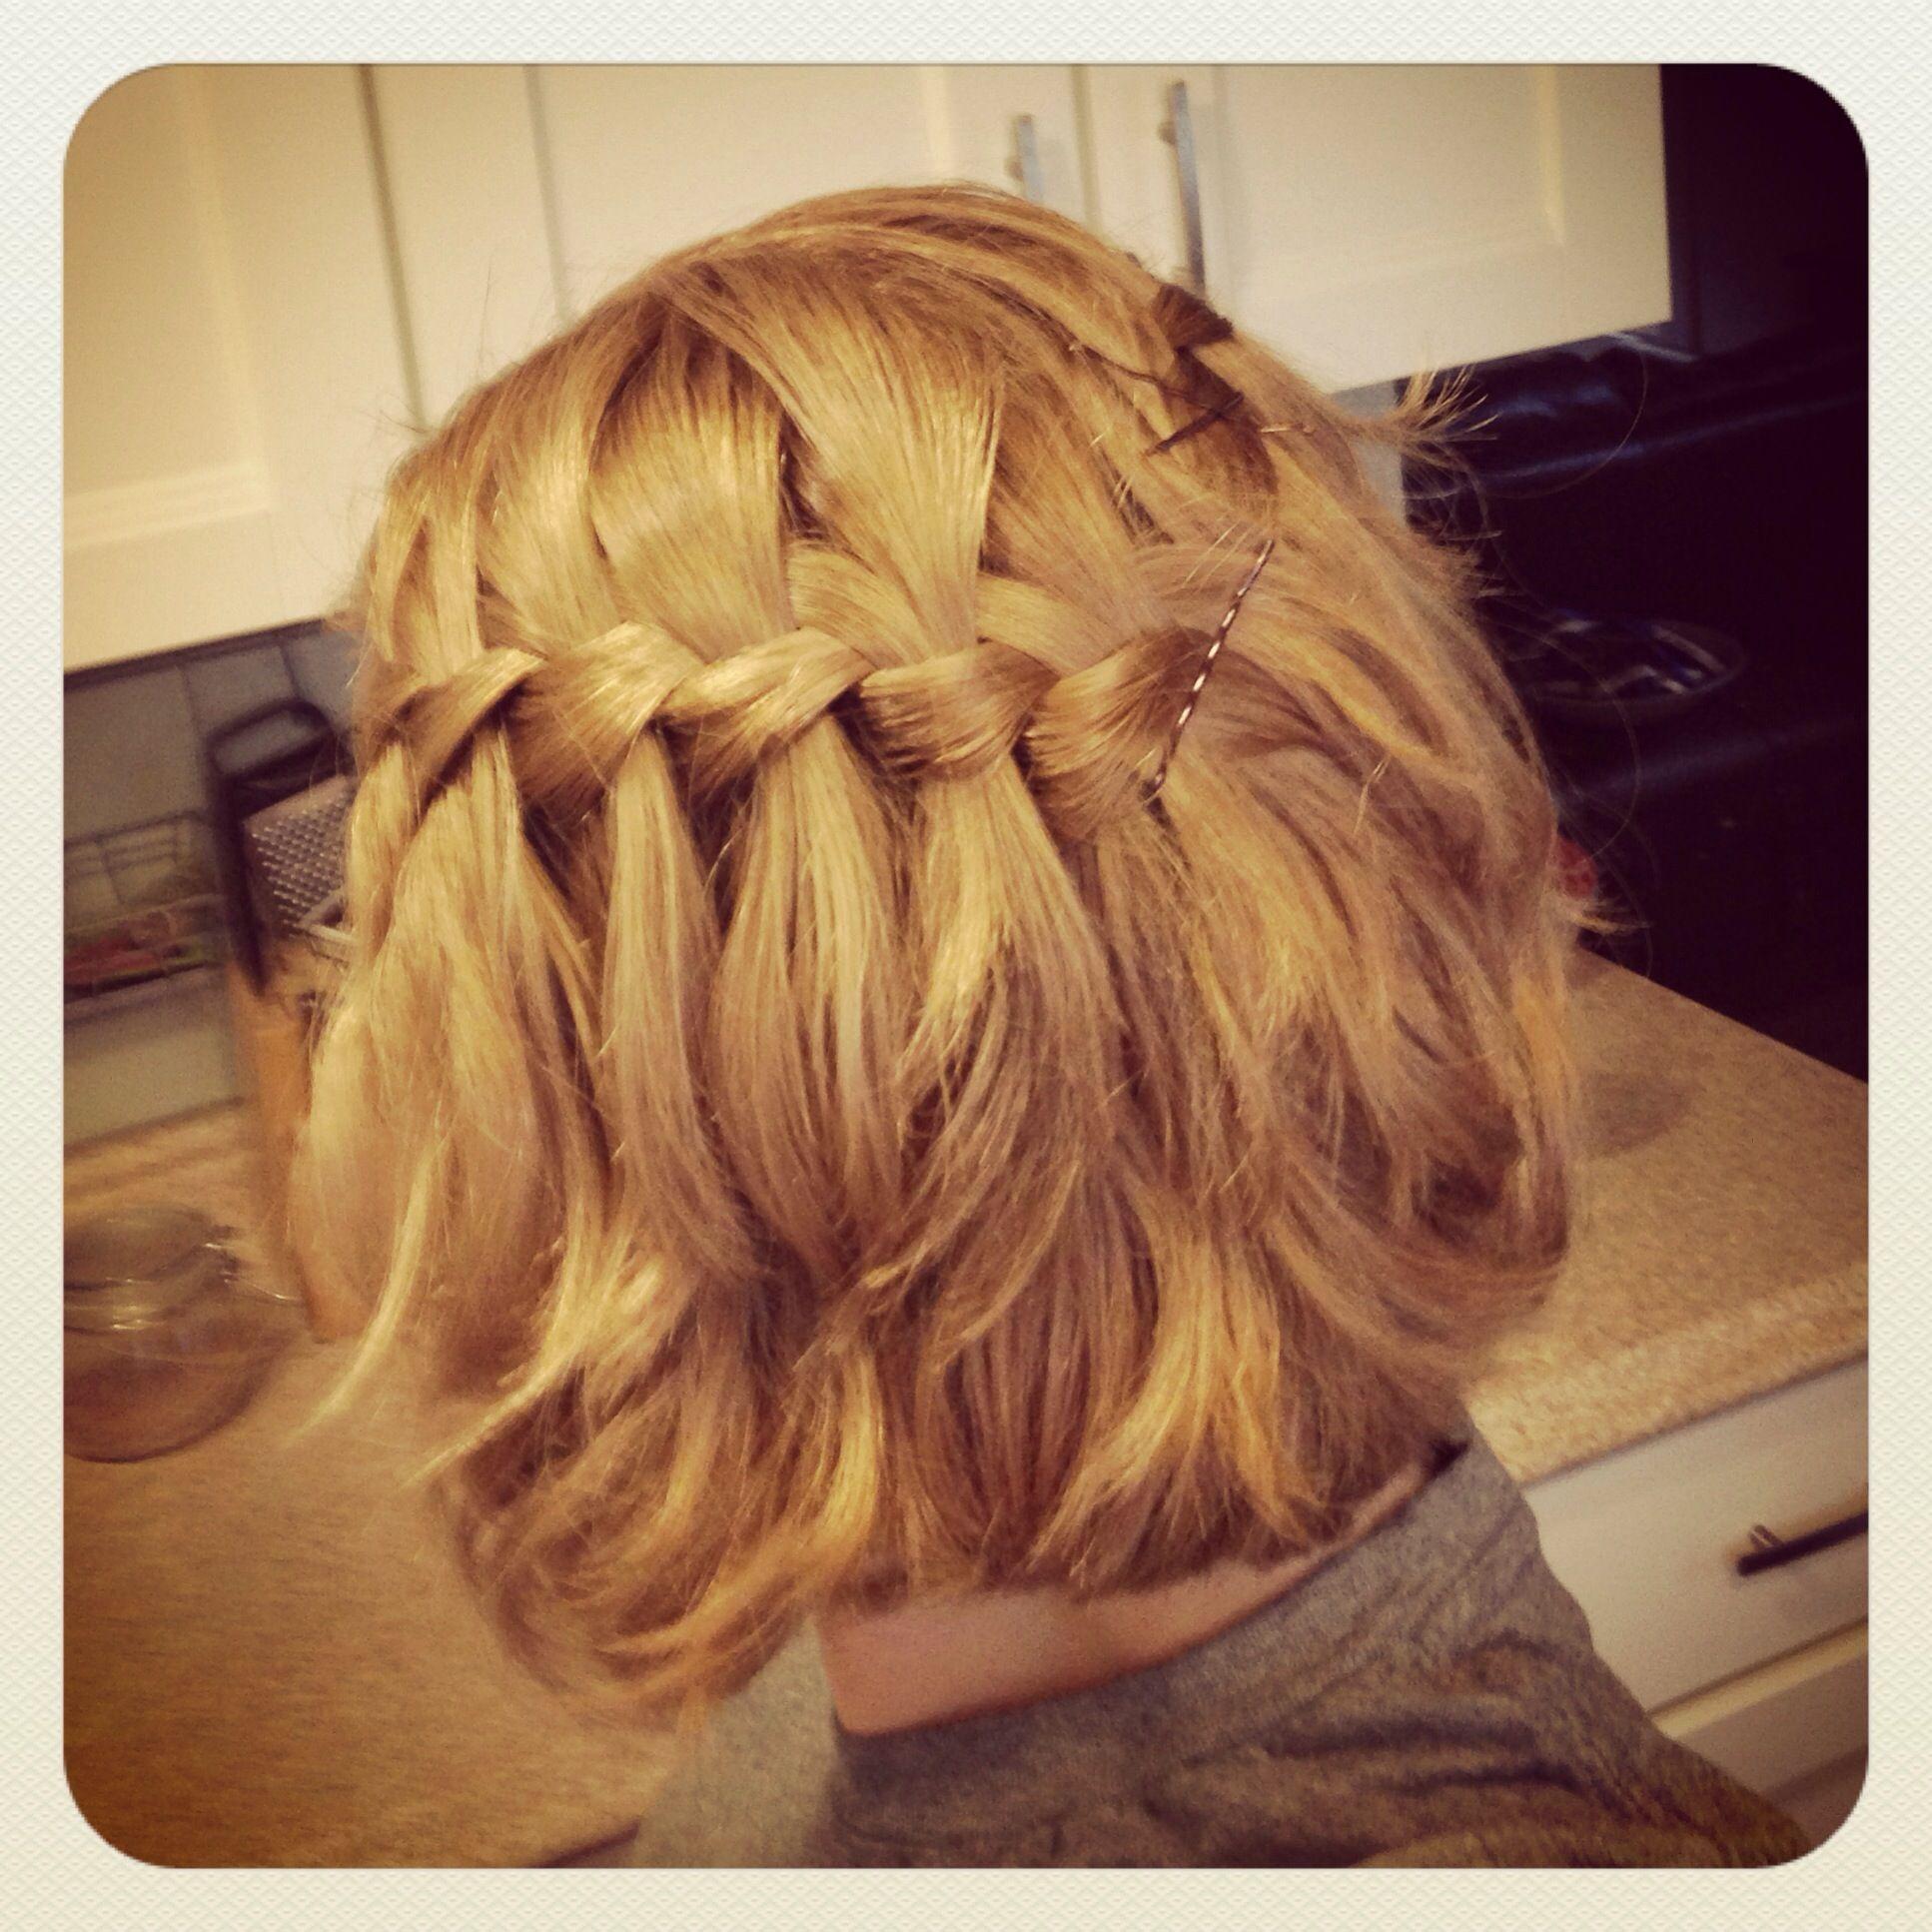 Waterfall Braid, Medium Length Short Hair, Honey Blonde